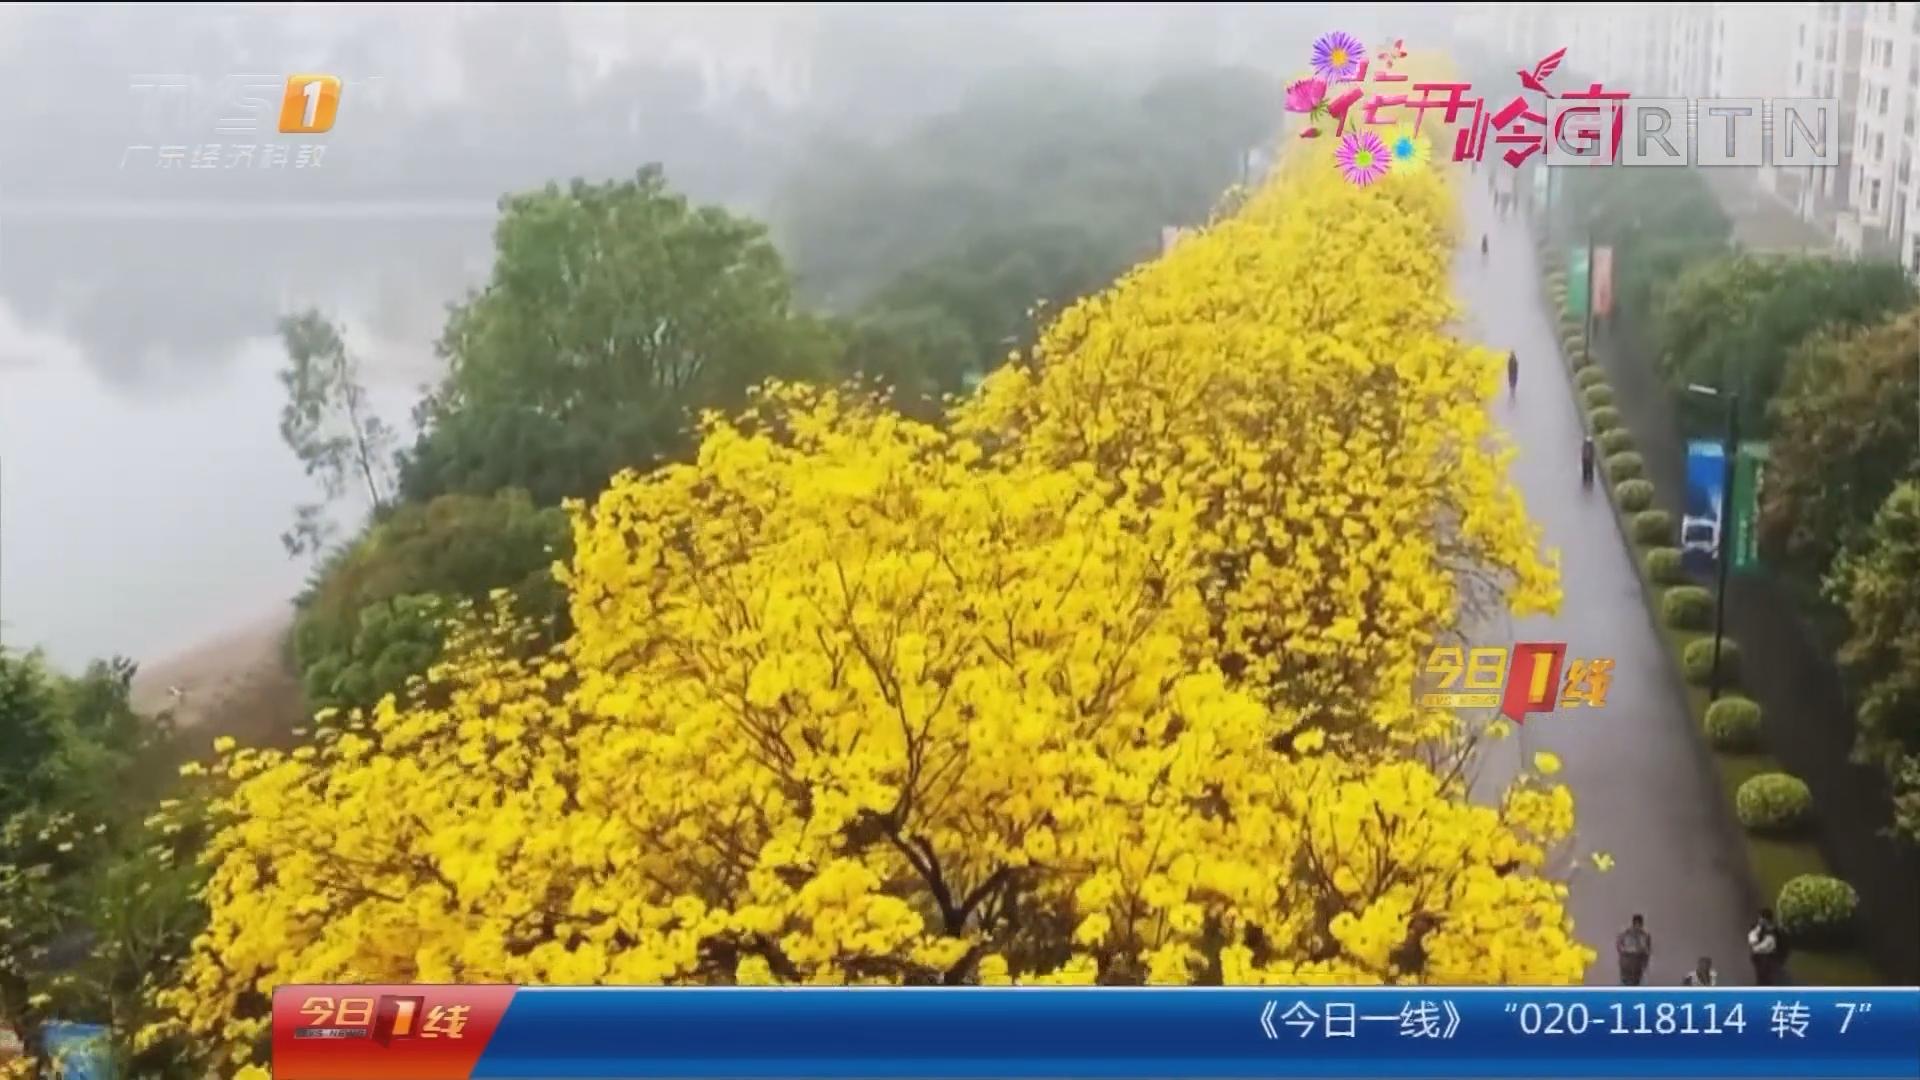 """花开岭南:广东最贵小区路 """"黄金""""落满地"""